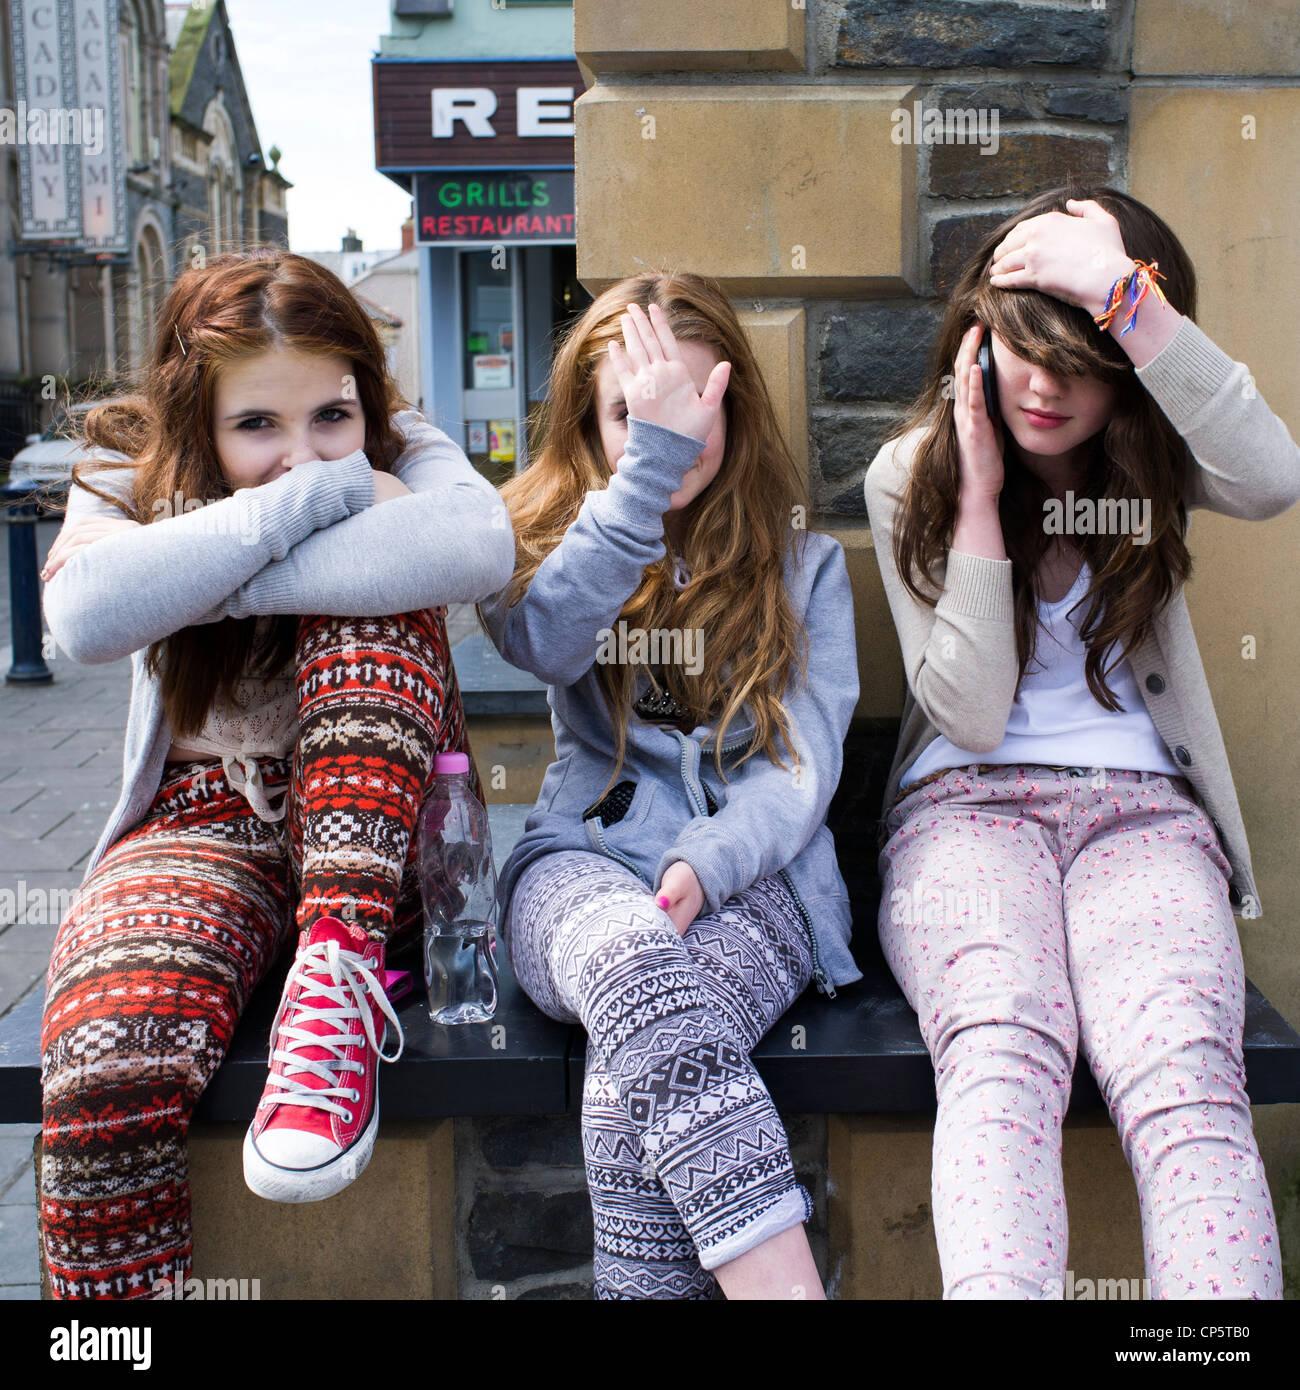 Drei Mädchen im Teenageralter zusammen draußen im Freien sitzen, die drei weisen Affen - nicht sprechen, Stockbild